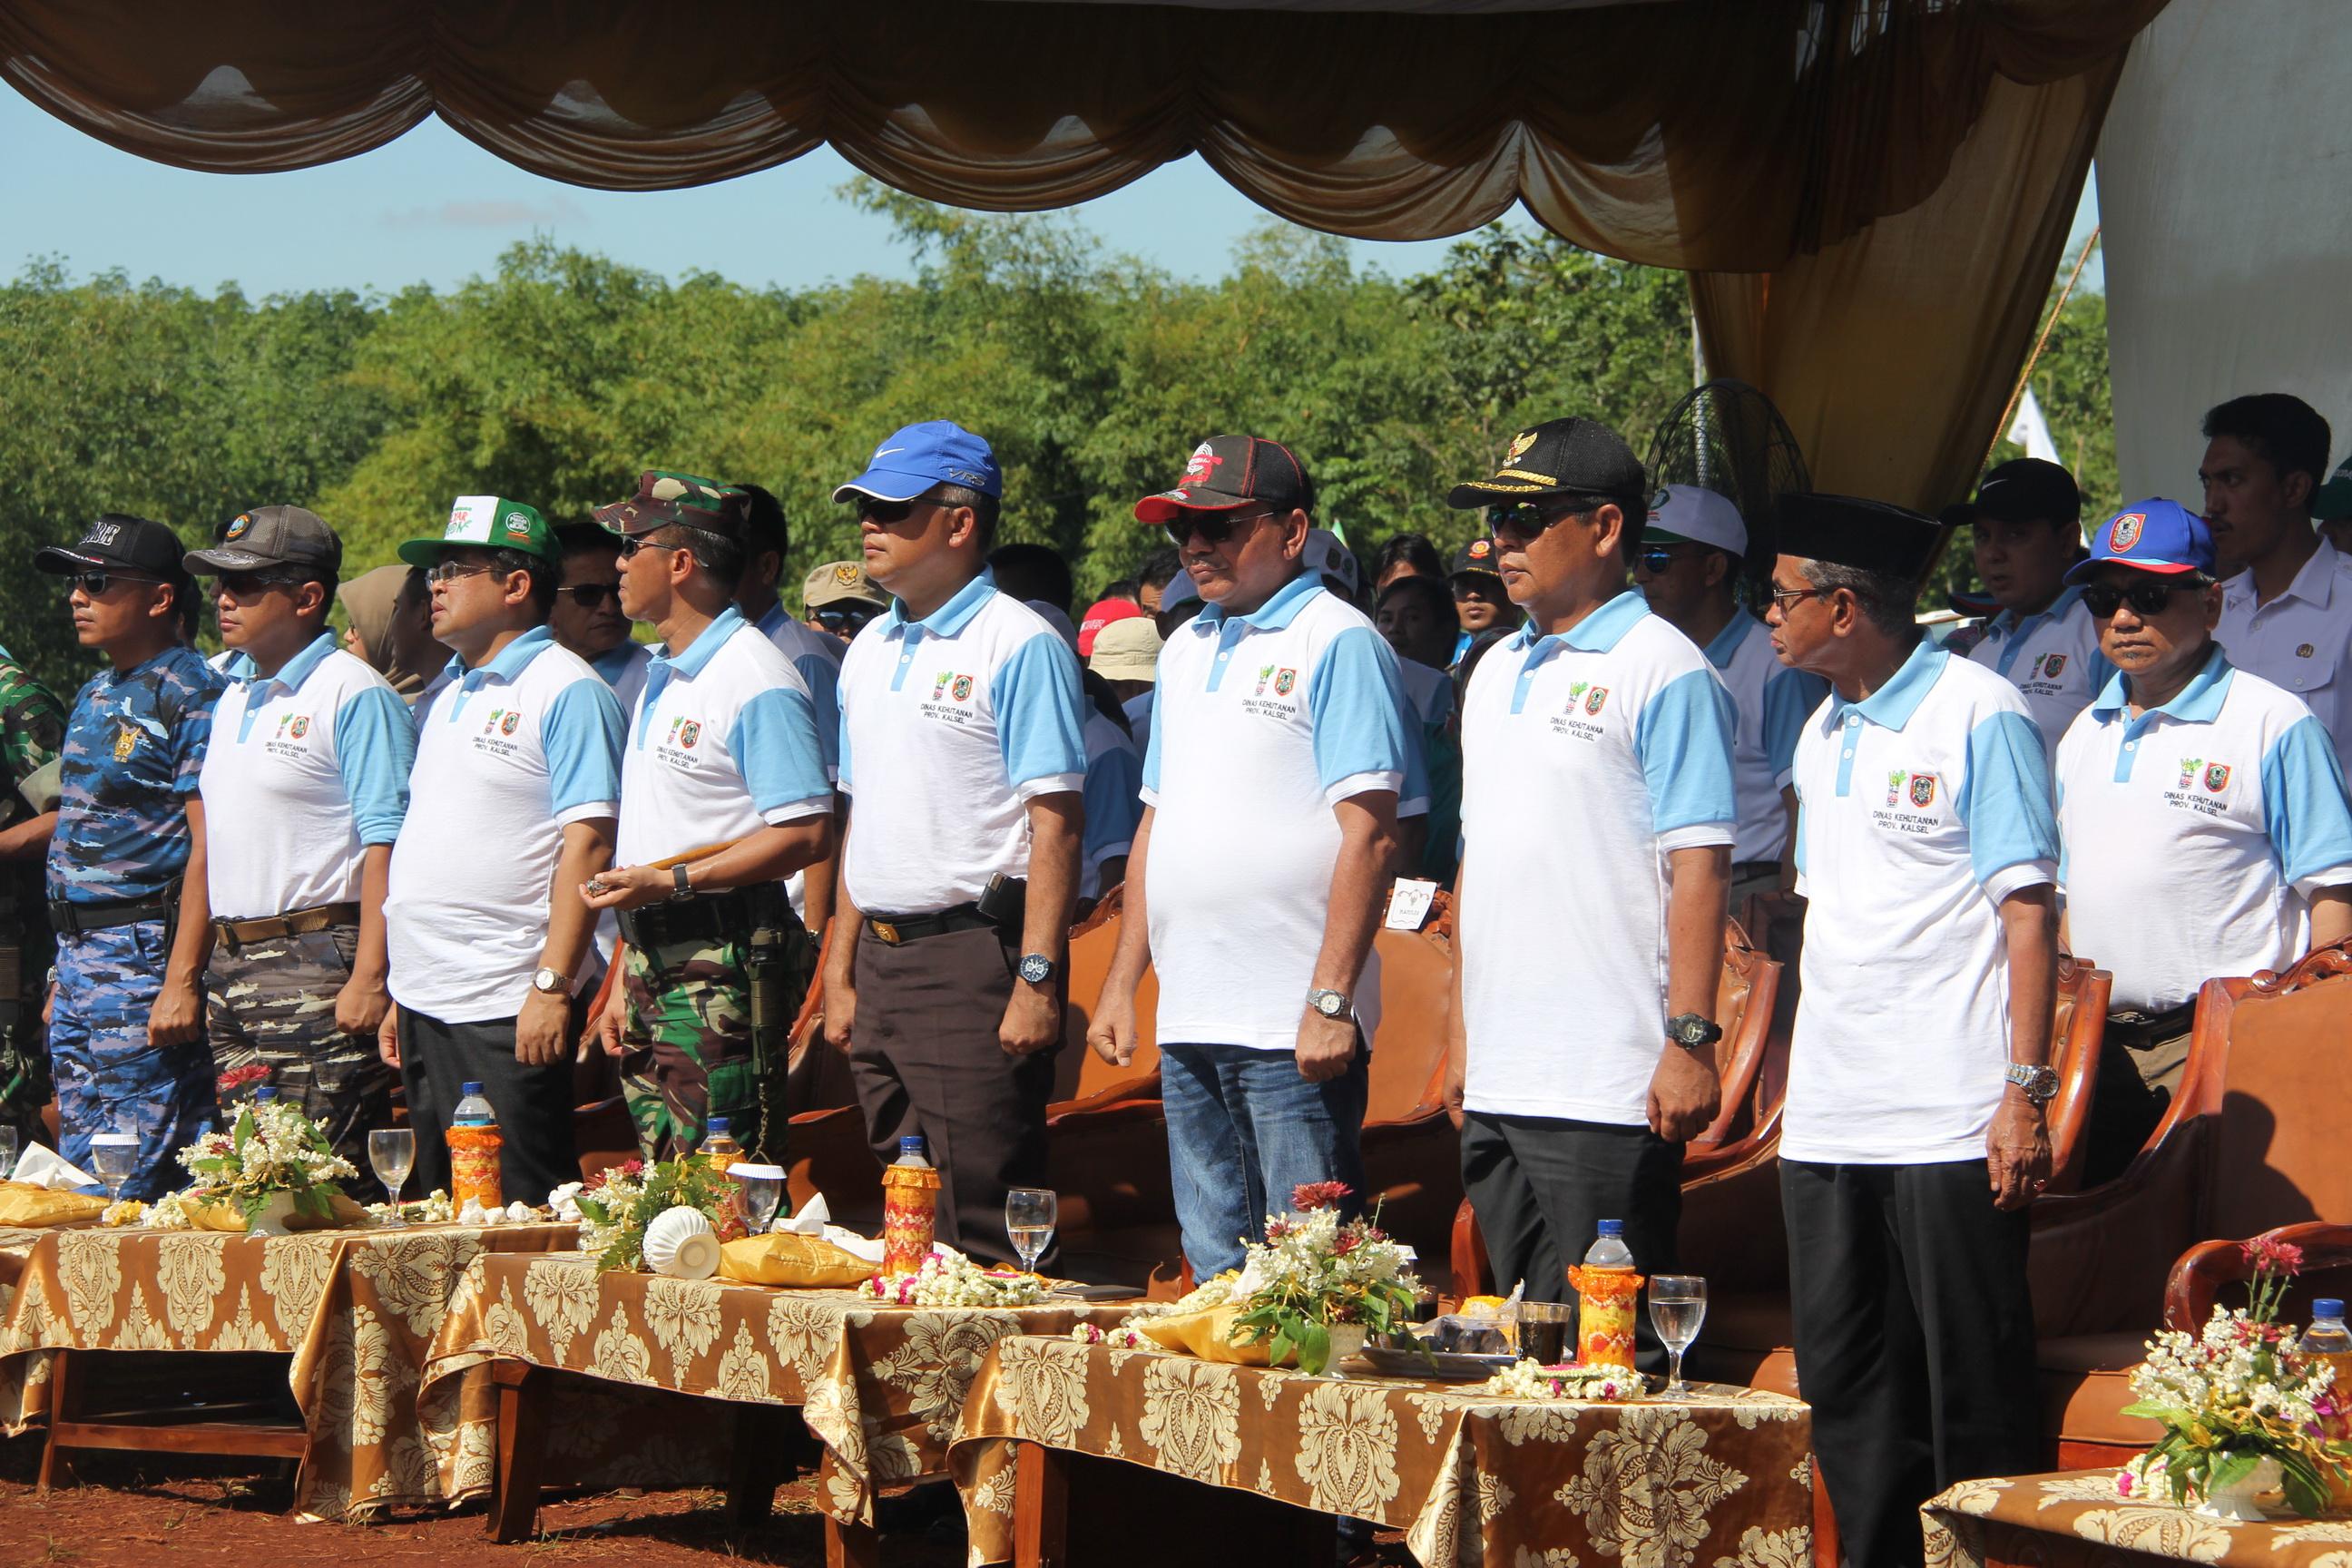 Gubernur Provinsi Kalimantan Selatan - H. Sahbirin Noor, S.Sos, M.H didampingi para bupati dan pejabat teras Provinsi Kalimantan Selatan